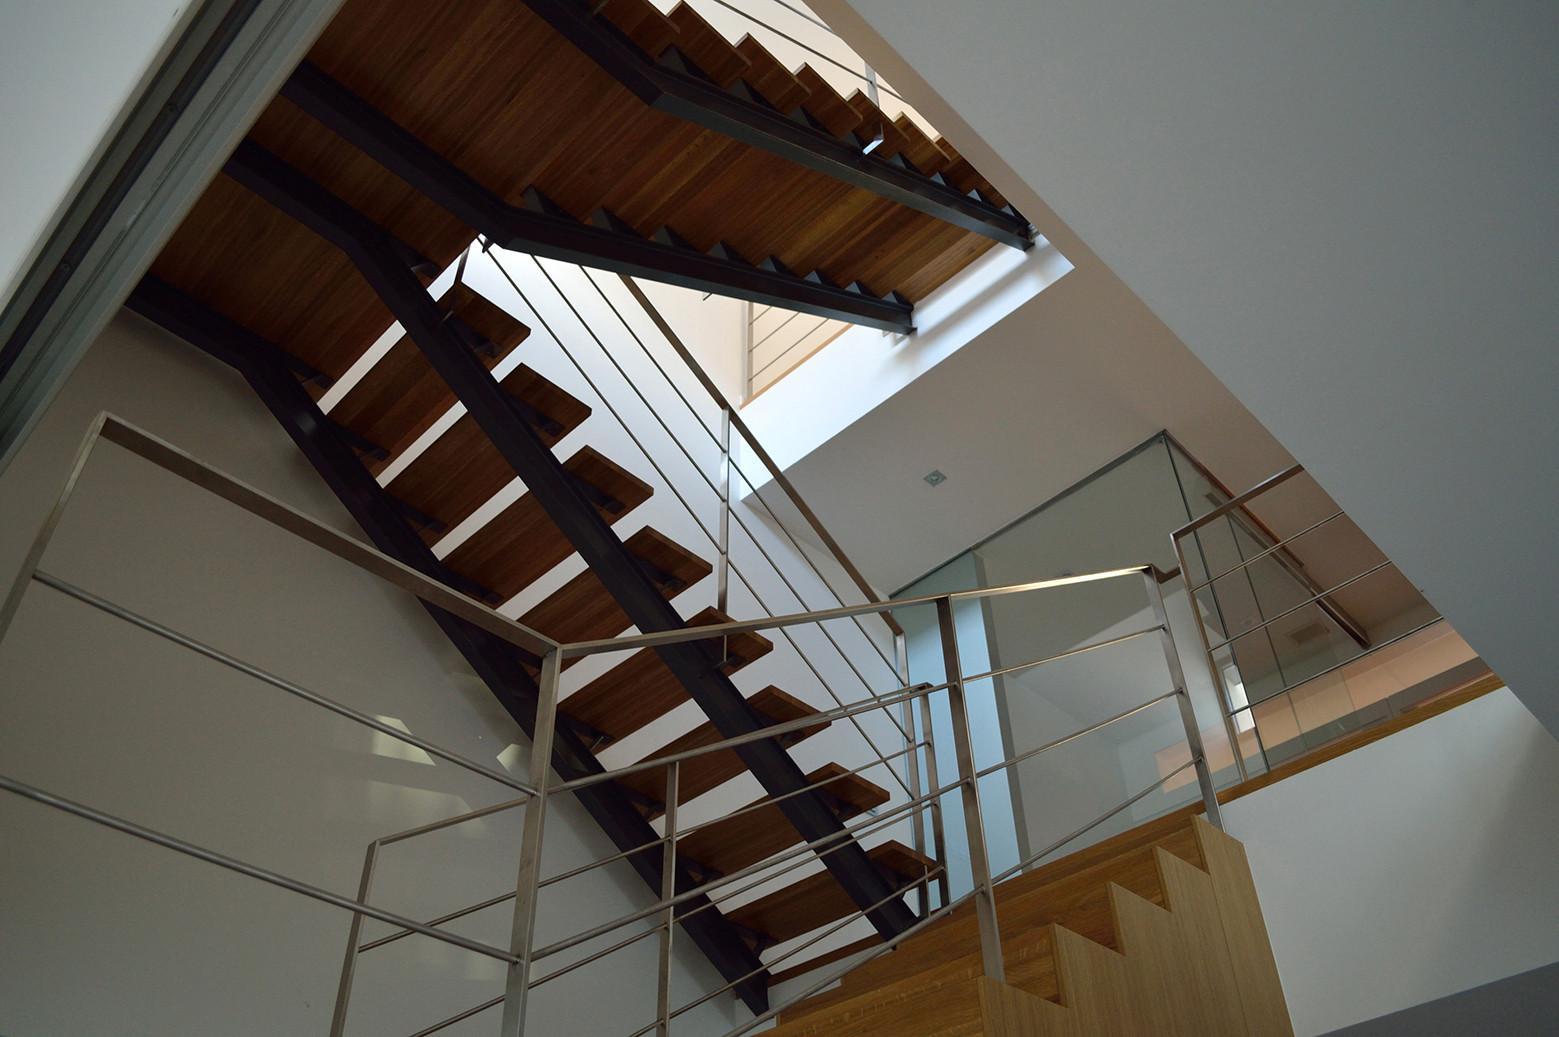 Varios pisos de escaleras